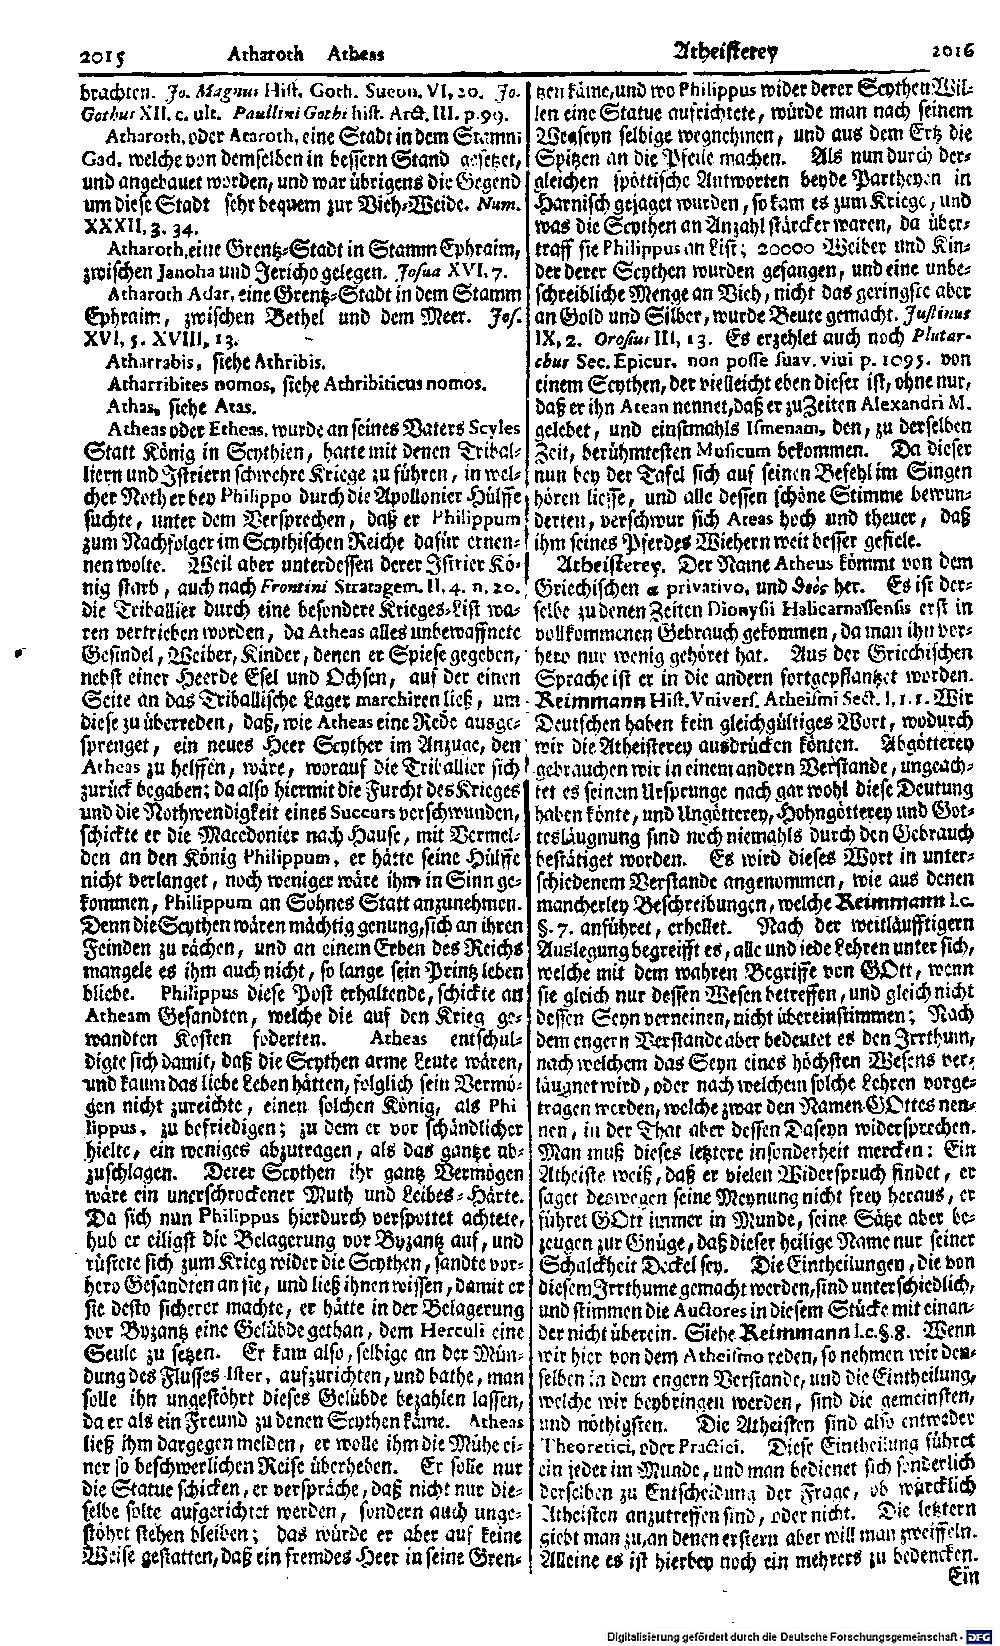 Bd. 2, Seite 1029.